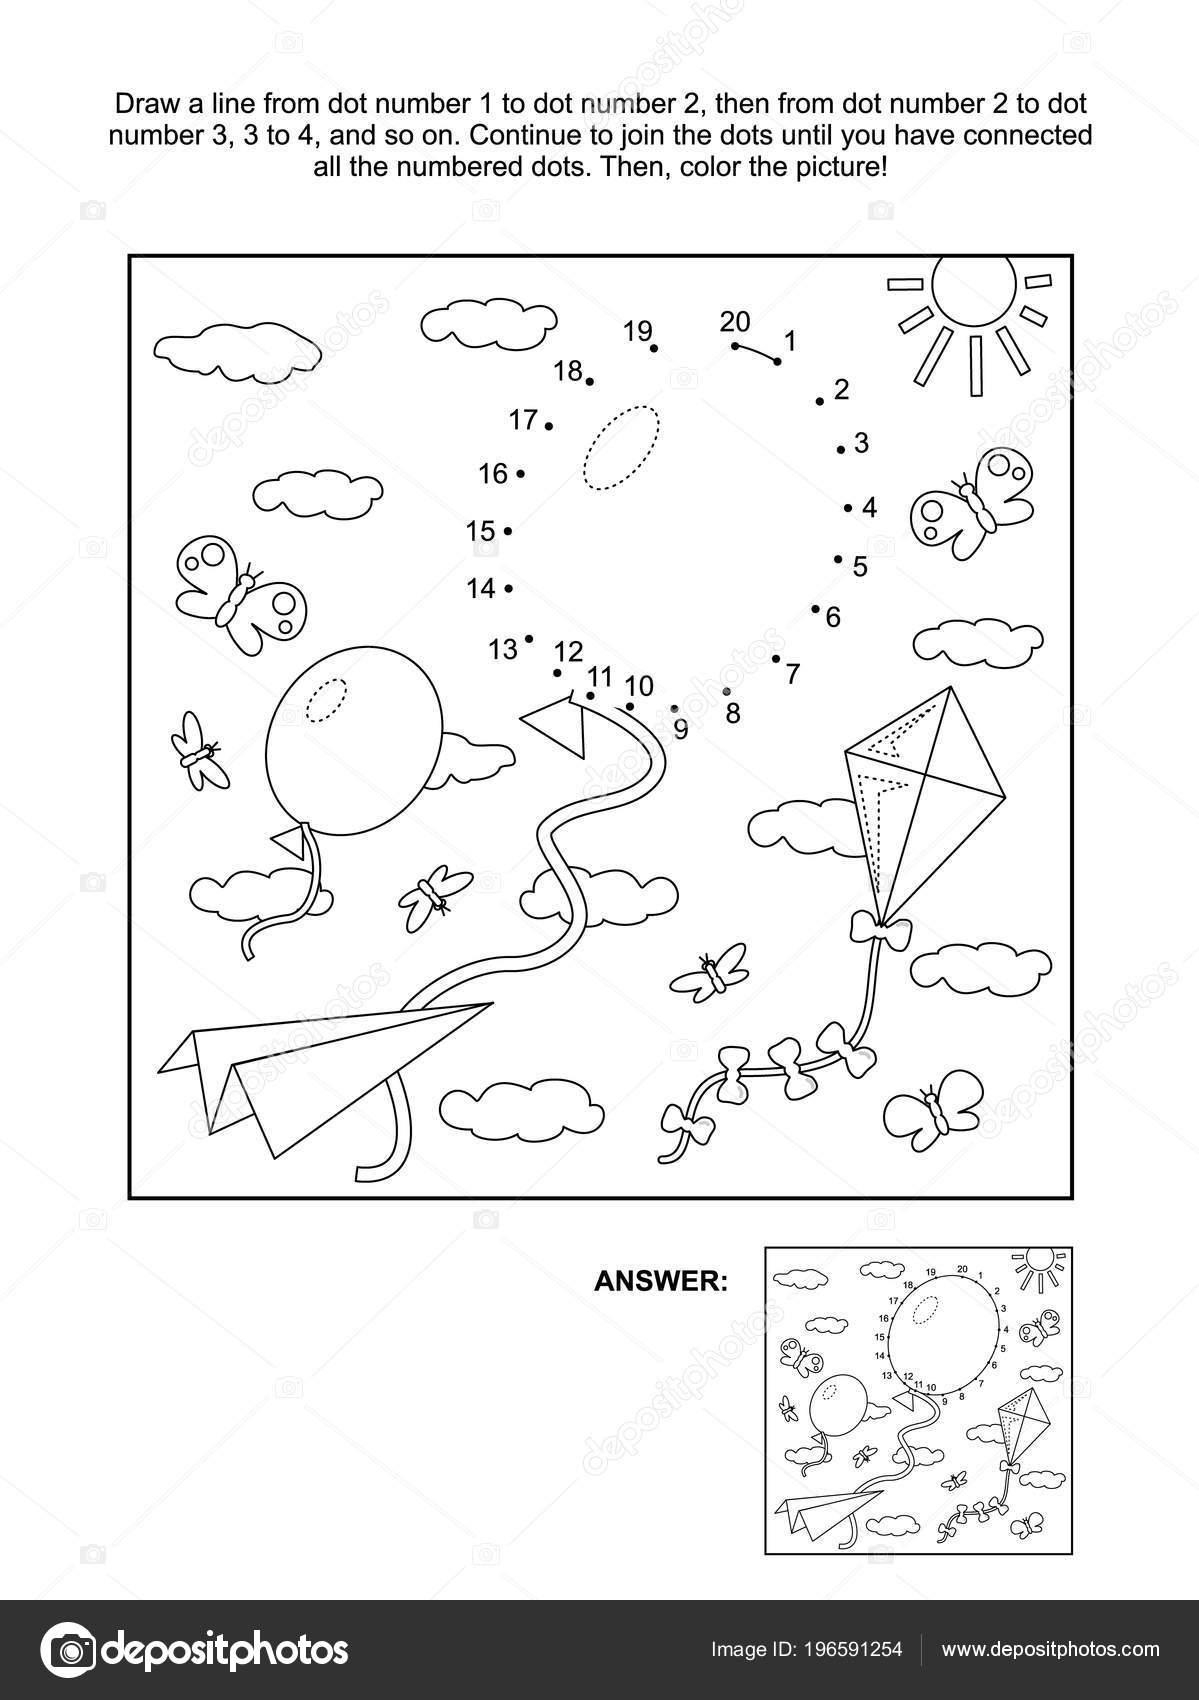 紙飛行機 凧が空を飛んでいるとドット絵パズルやぬりえを接続します